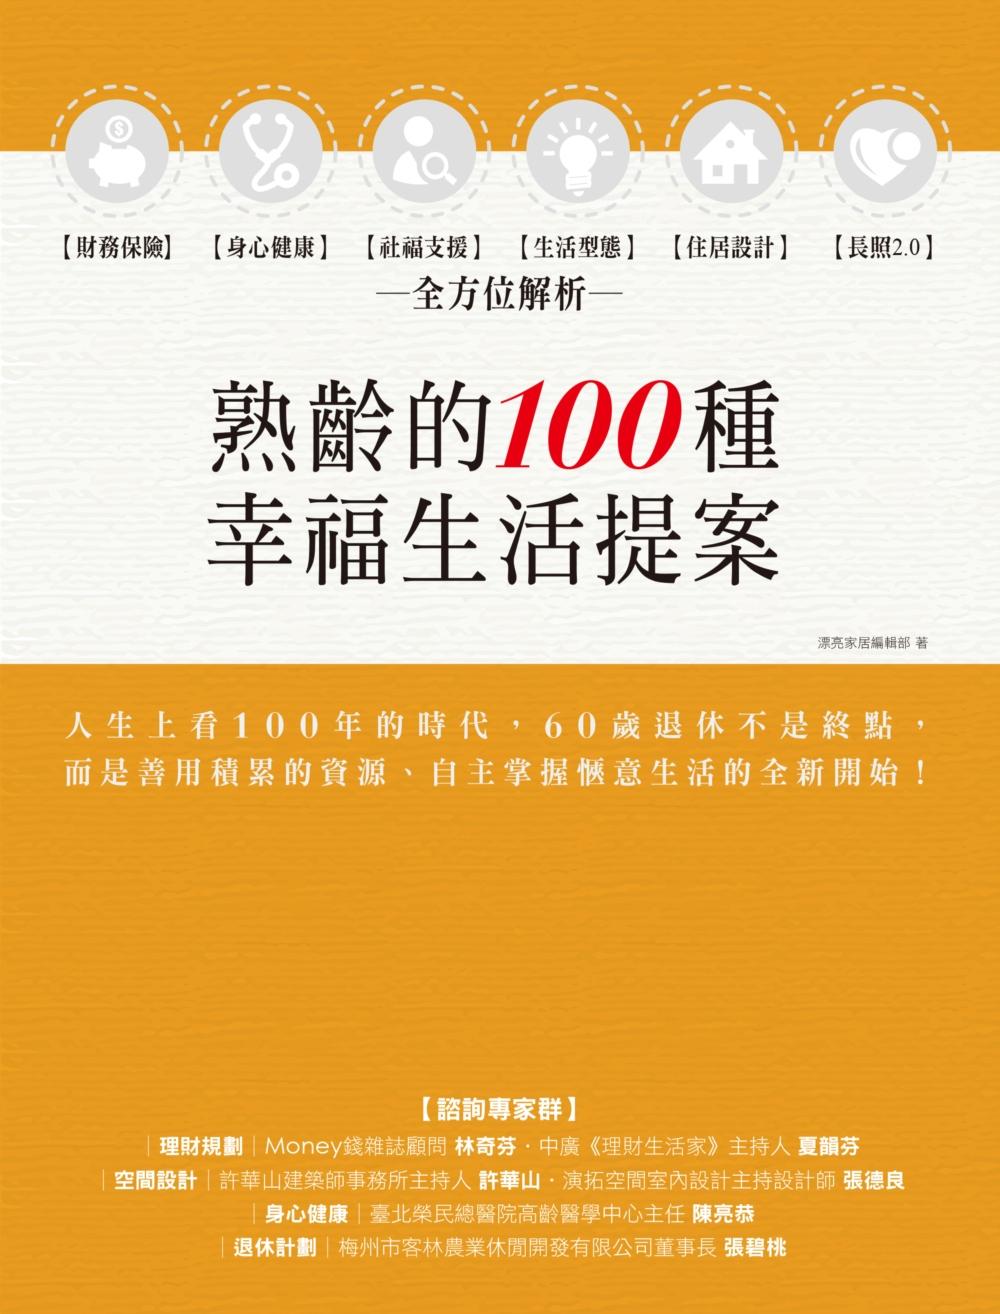 熟齡的100種幸福生活提案:財...